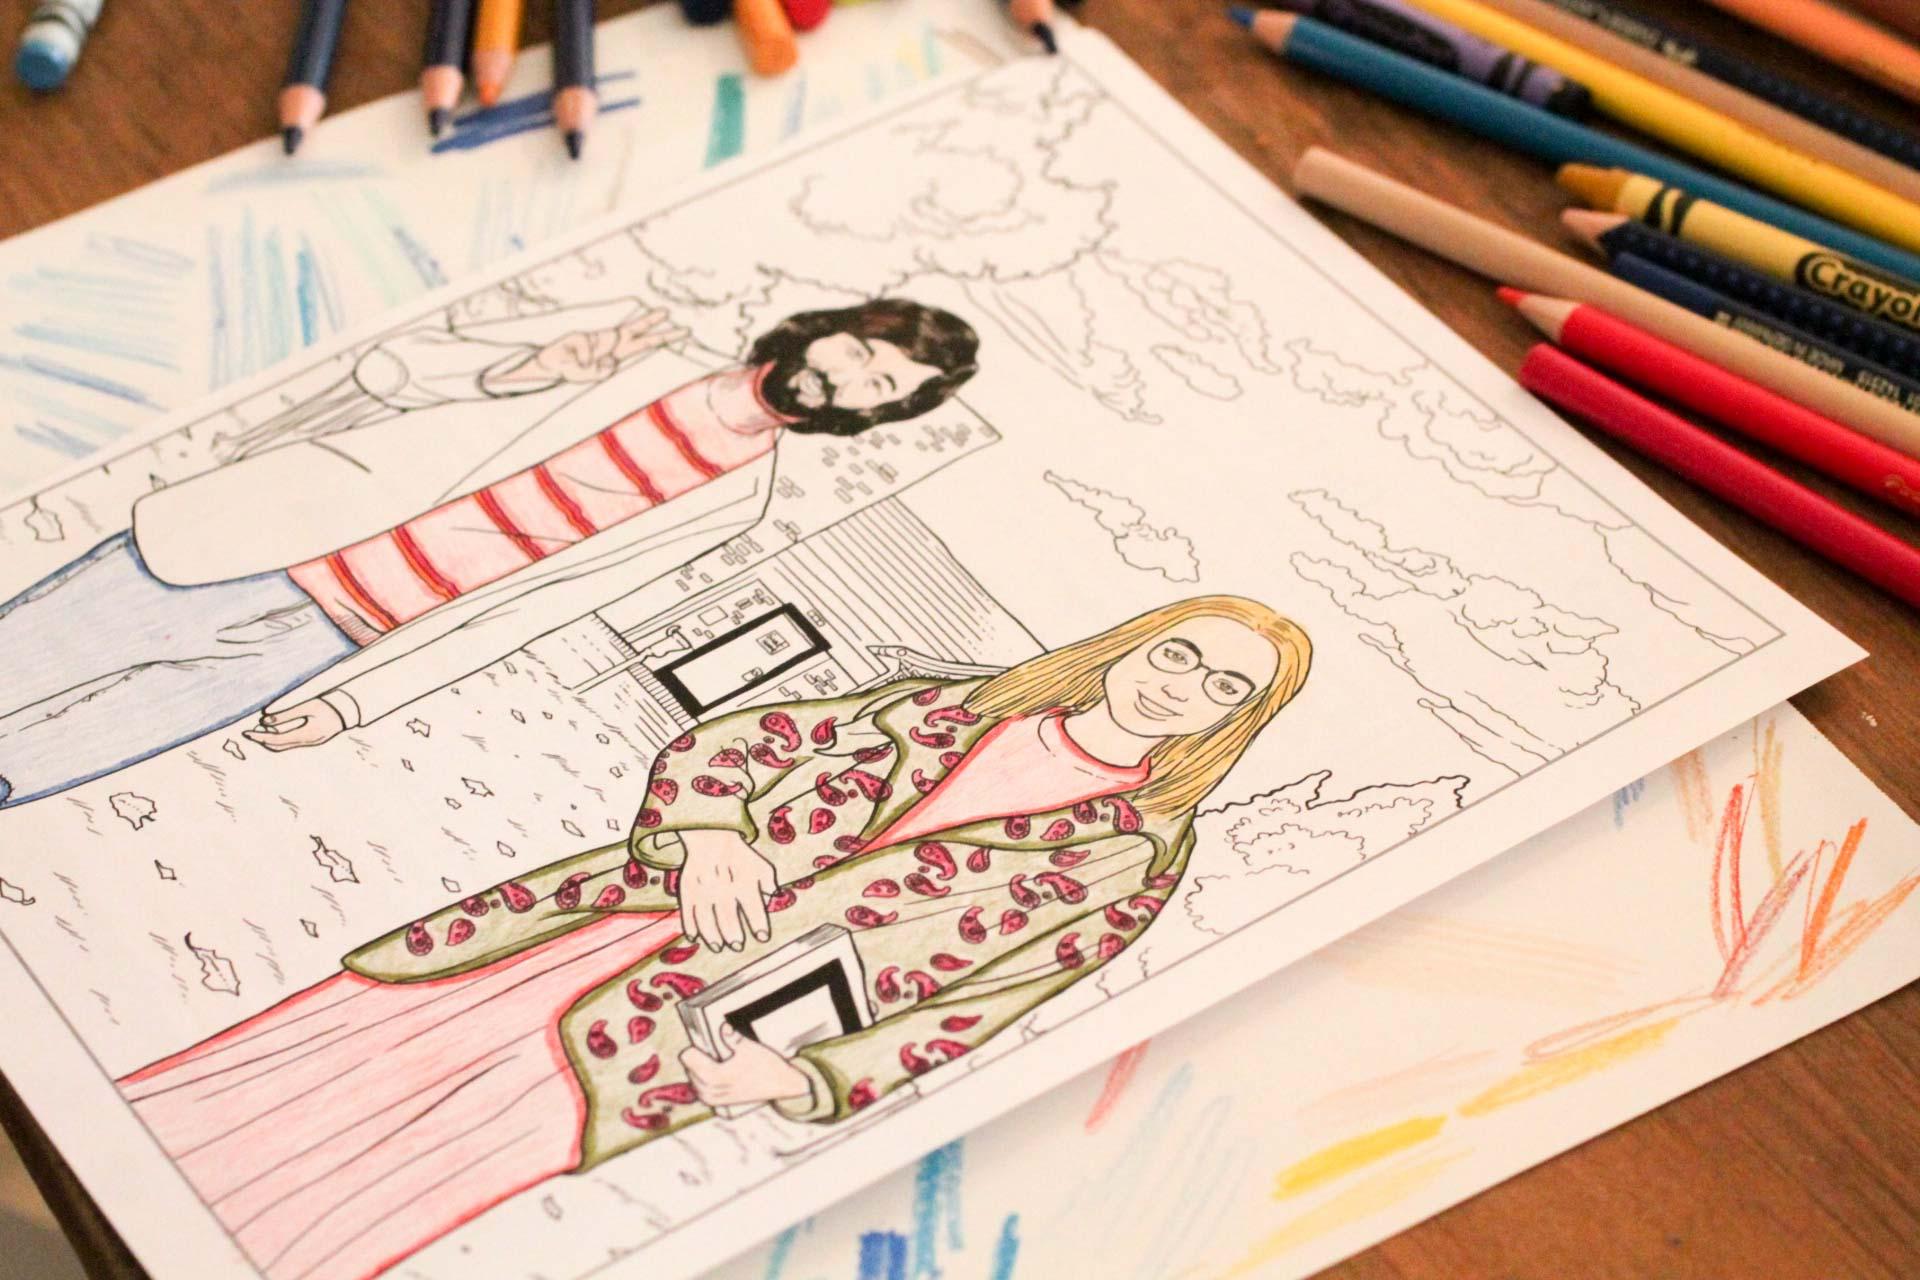 cocktailsandcraft-coloring-dc-workshop (12 of 17).jpg